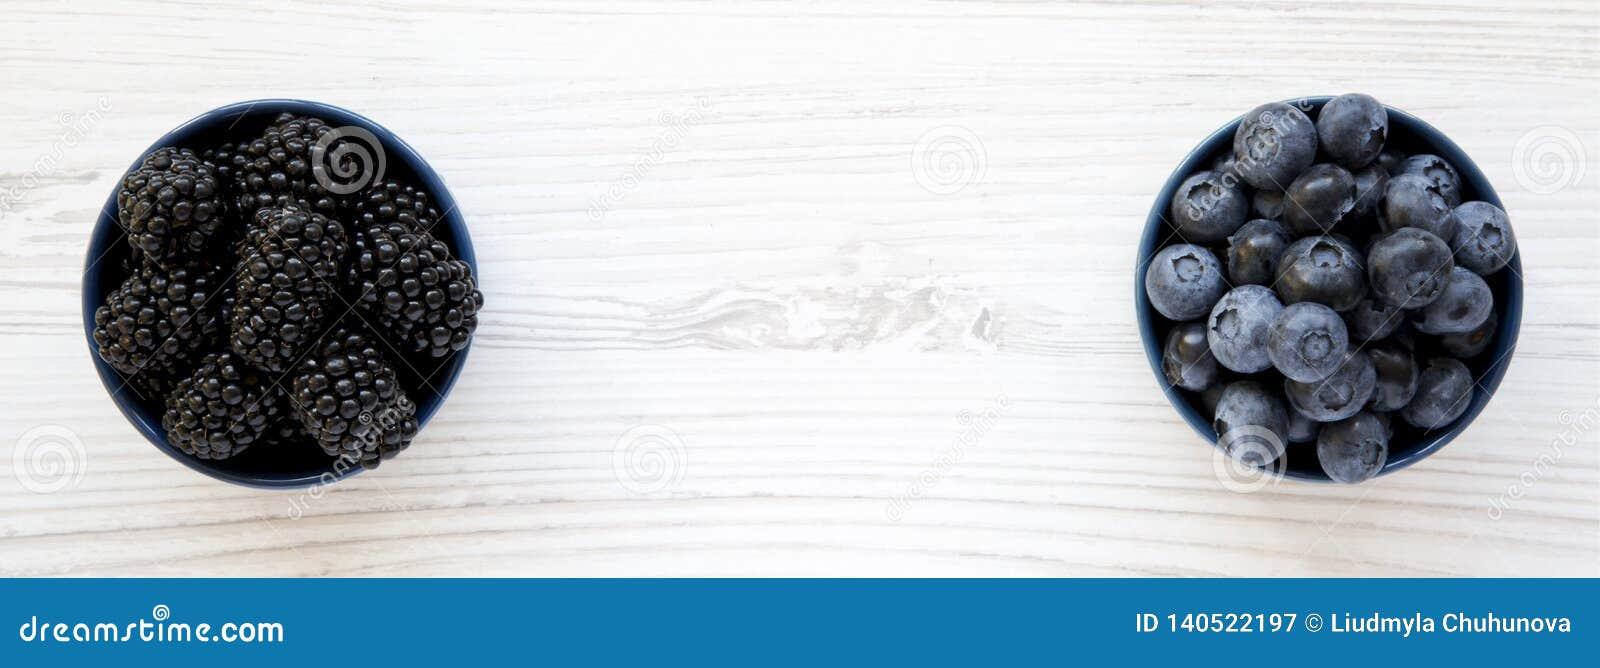 Mûres et myrtilles mûres dans des cuvettes bleues sur le fond en bois blanc, vue aérienne Baie d été De ci-dessus, plat, supérieu